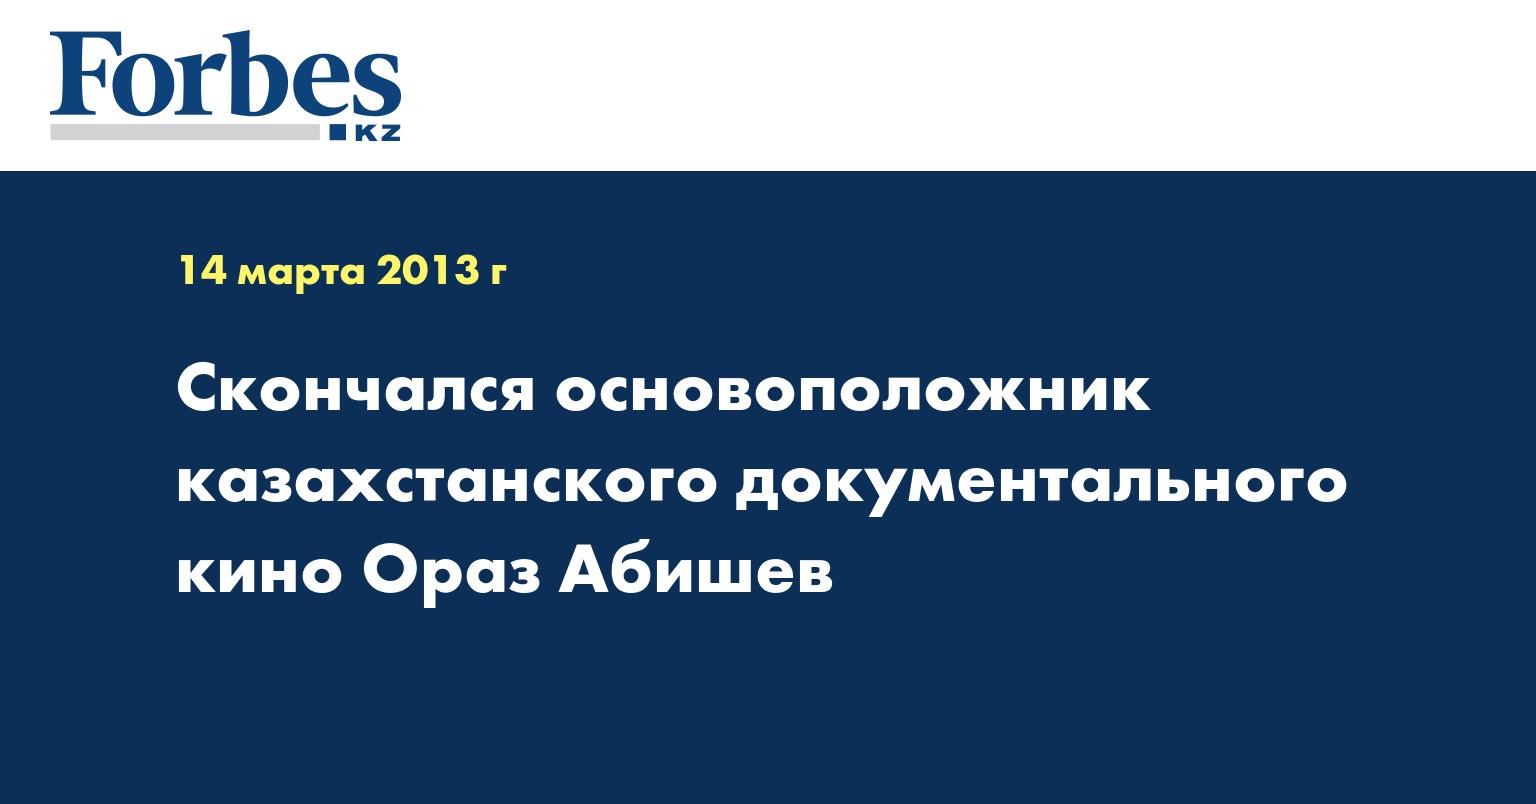 Скончался основоположник казахстанского документального кино Ораз Абишев